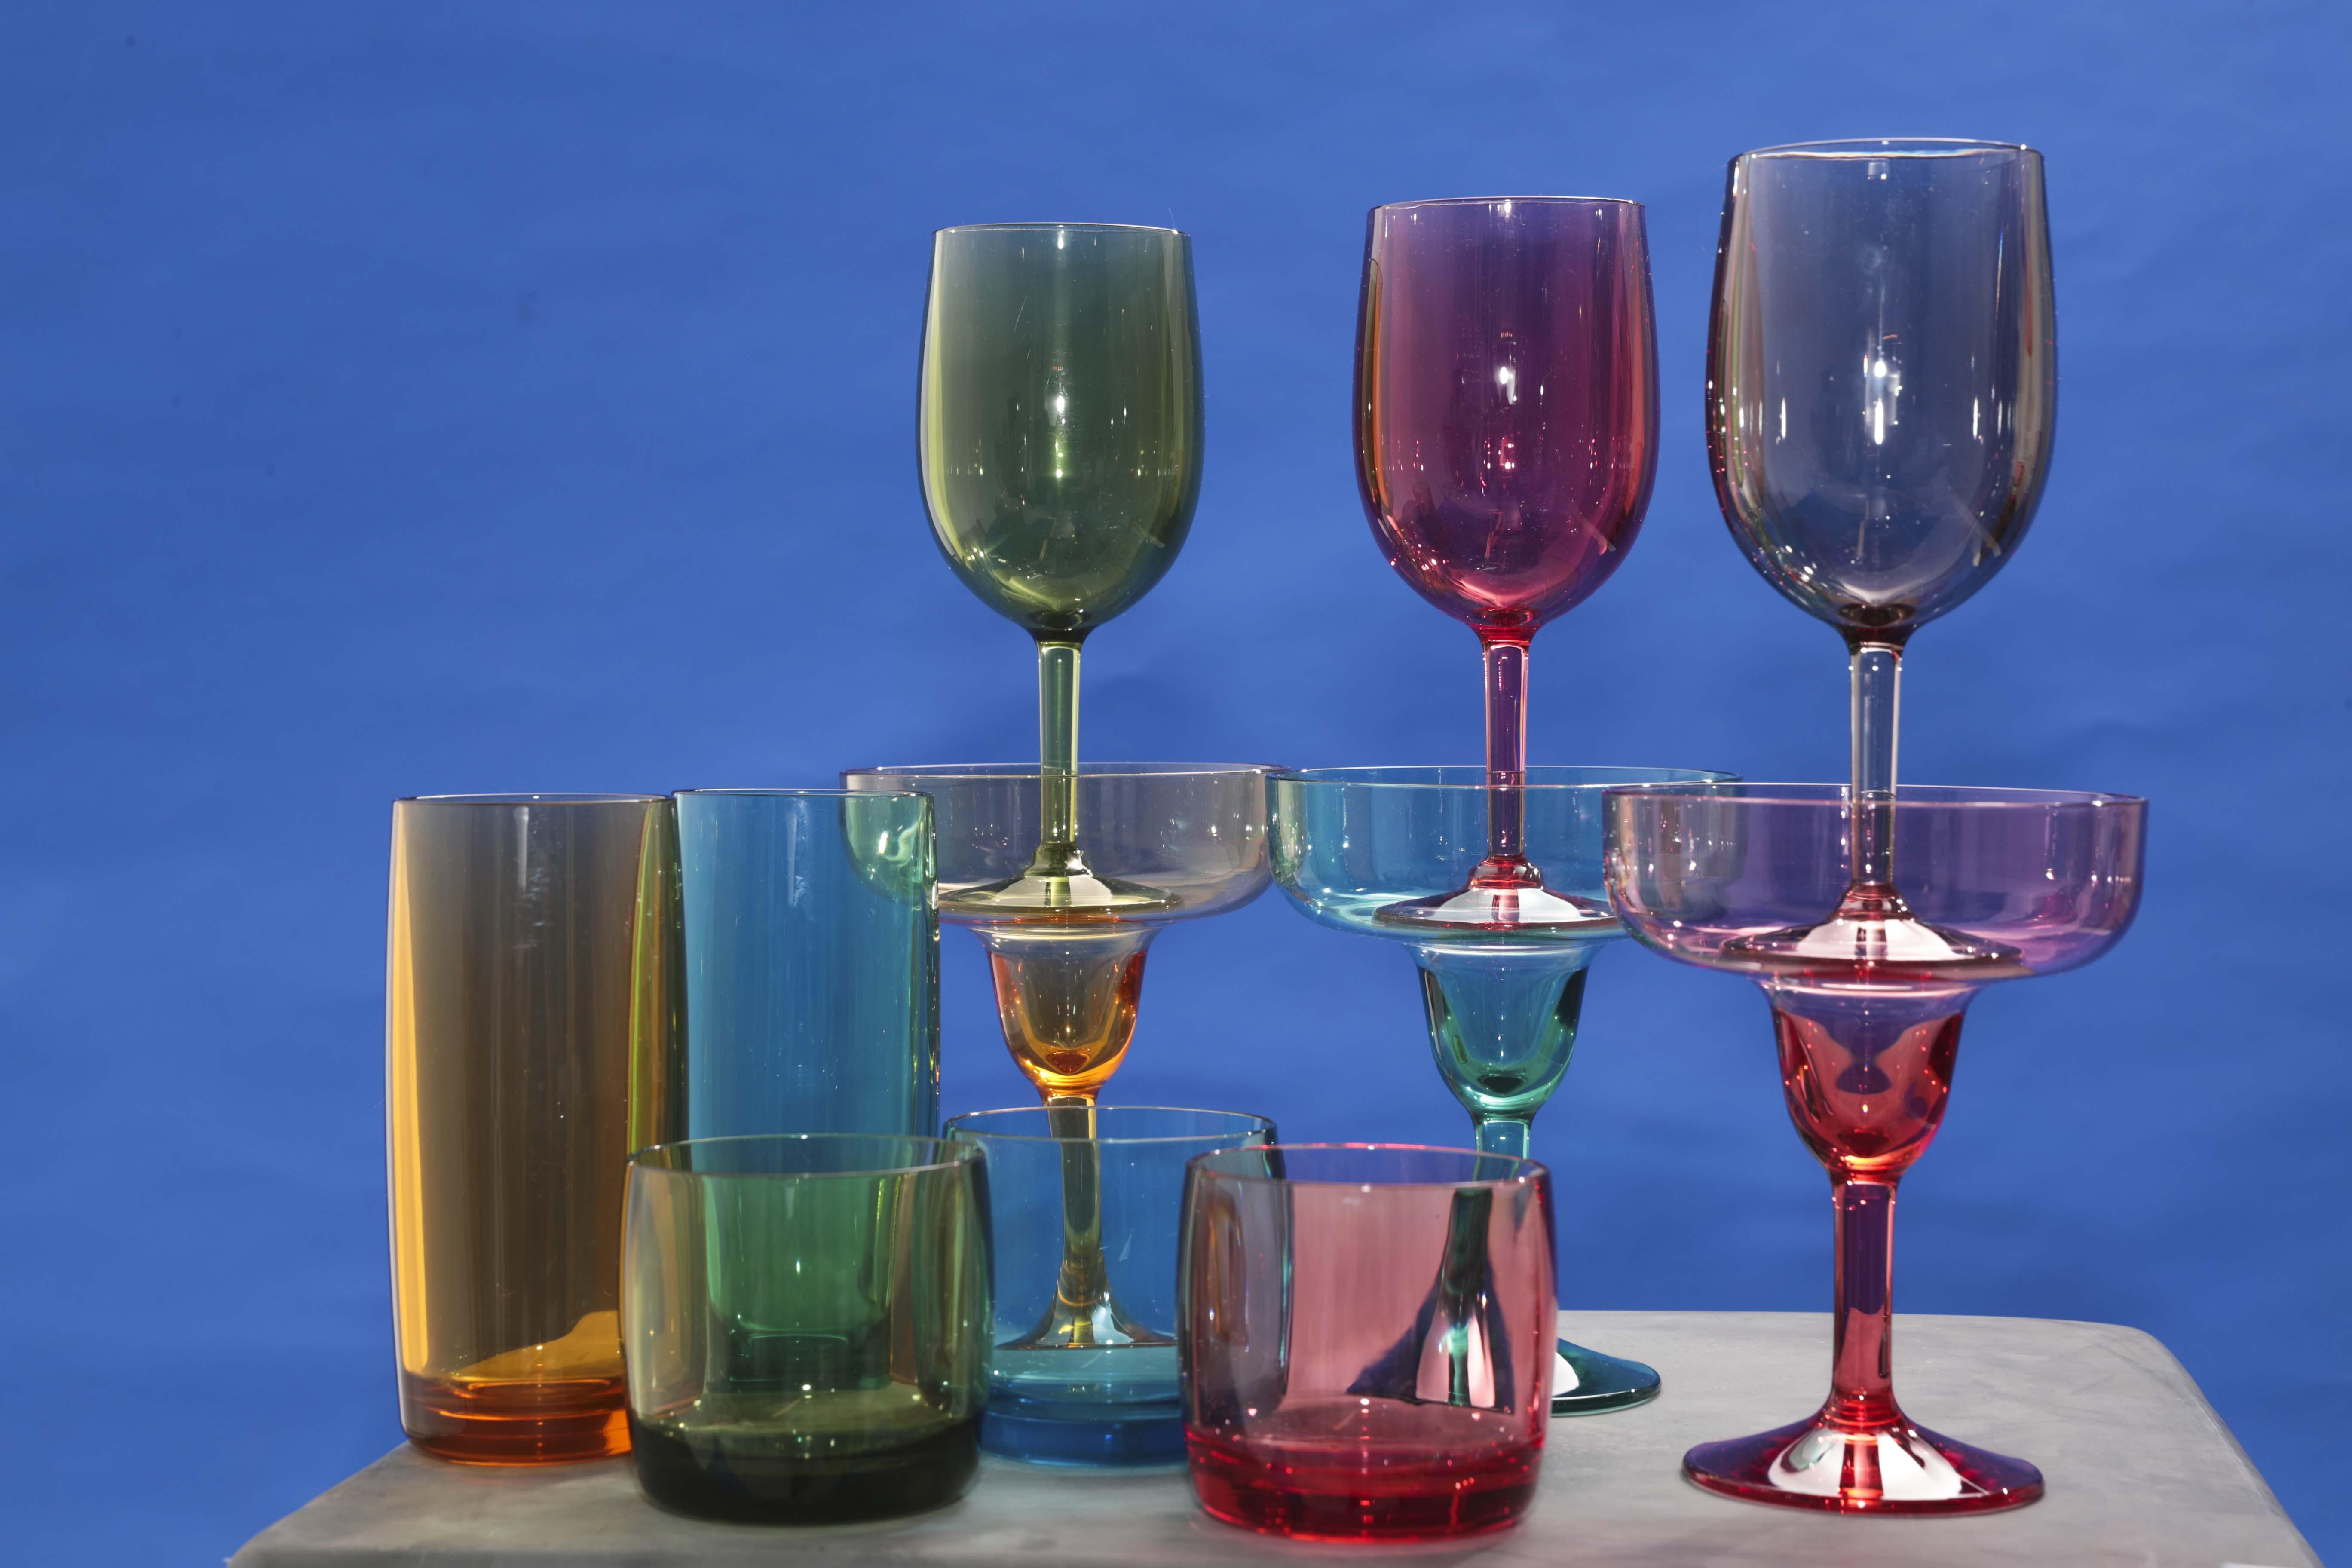 Surtidos de vasos y copas multicolor en DuraClear, de William Sonoma (Foto Wanda Liz Vega)